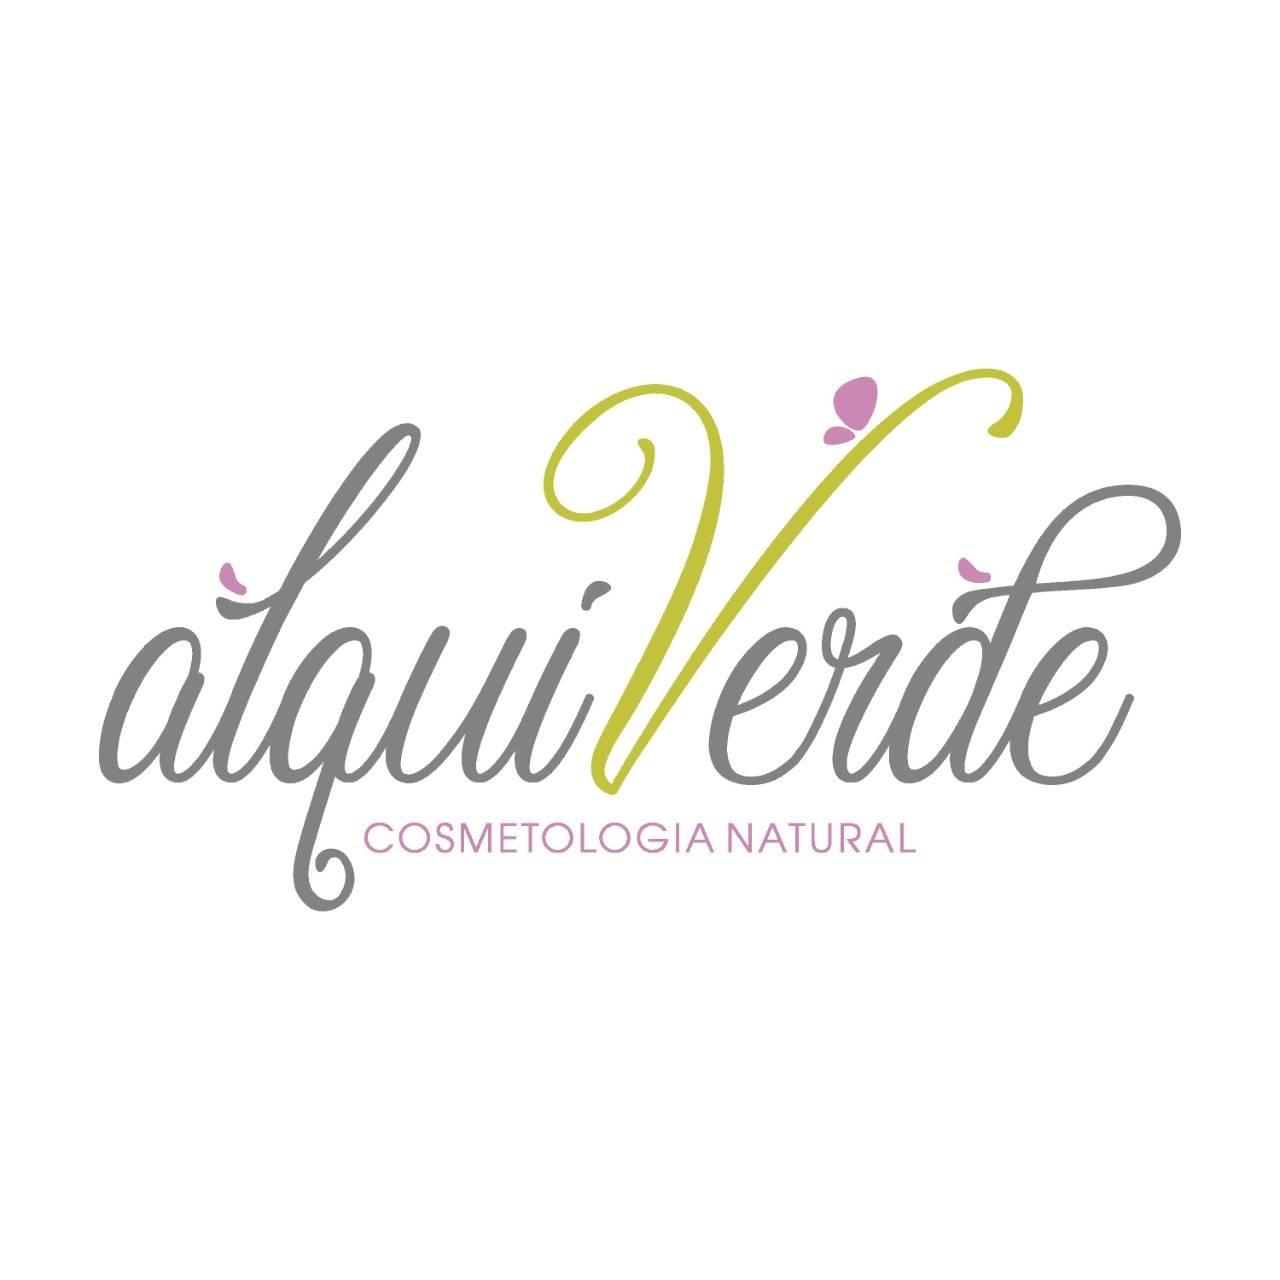 Imagem de loja Alquiverde